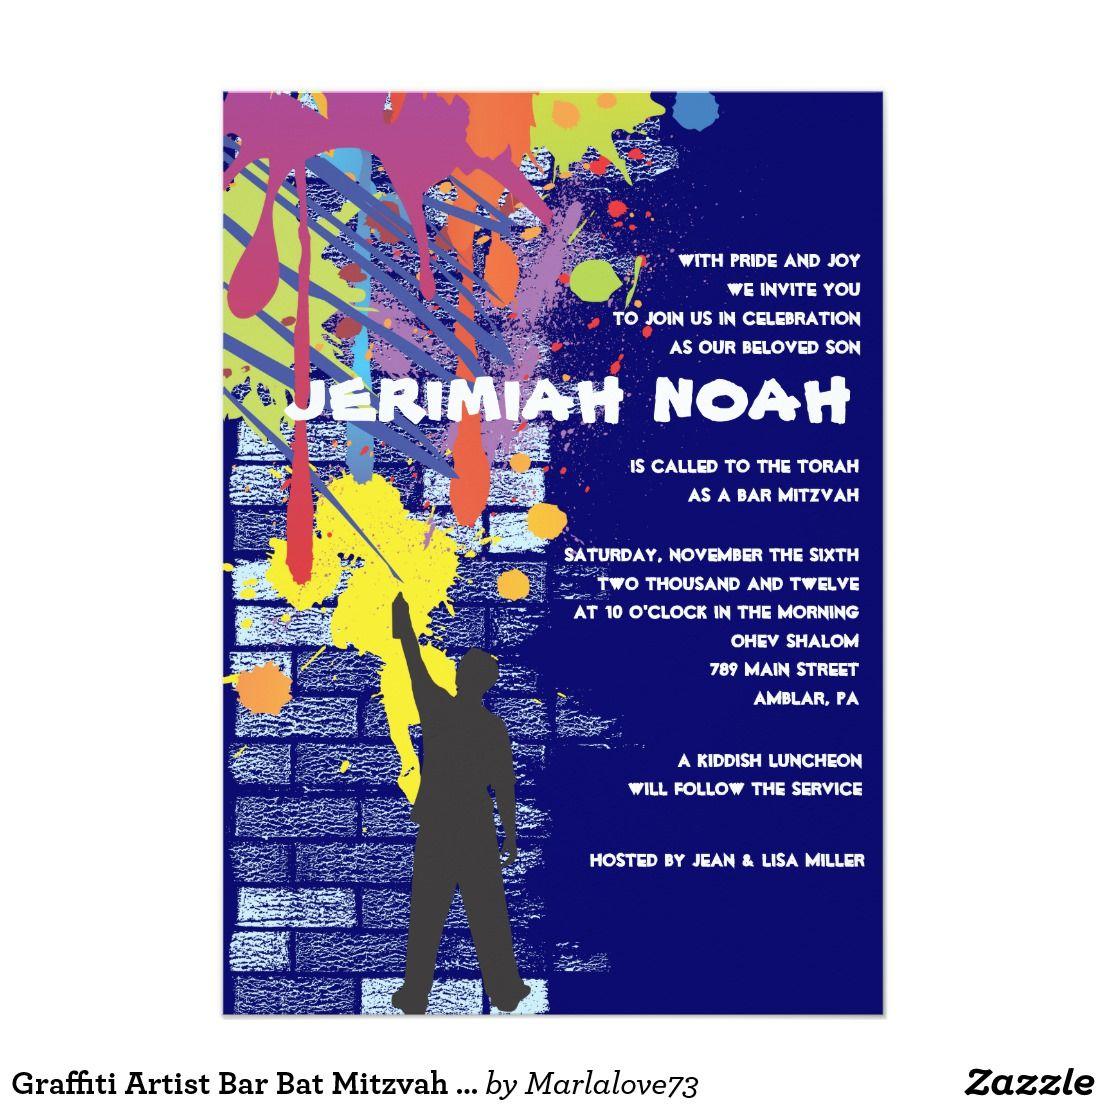 graffiti artist bar bat mitzvah invitation bar mitzvah invites